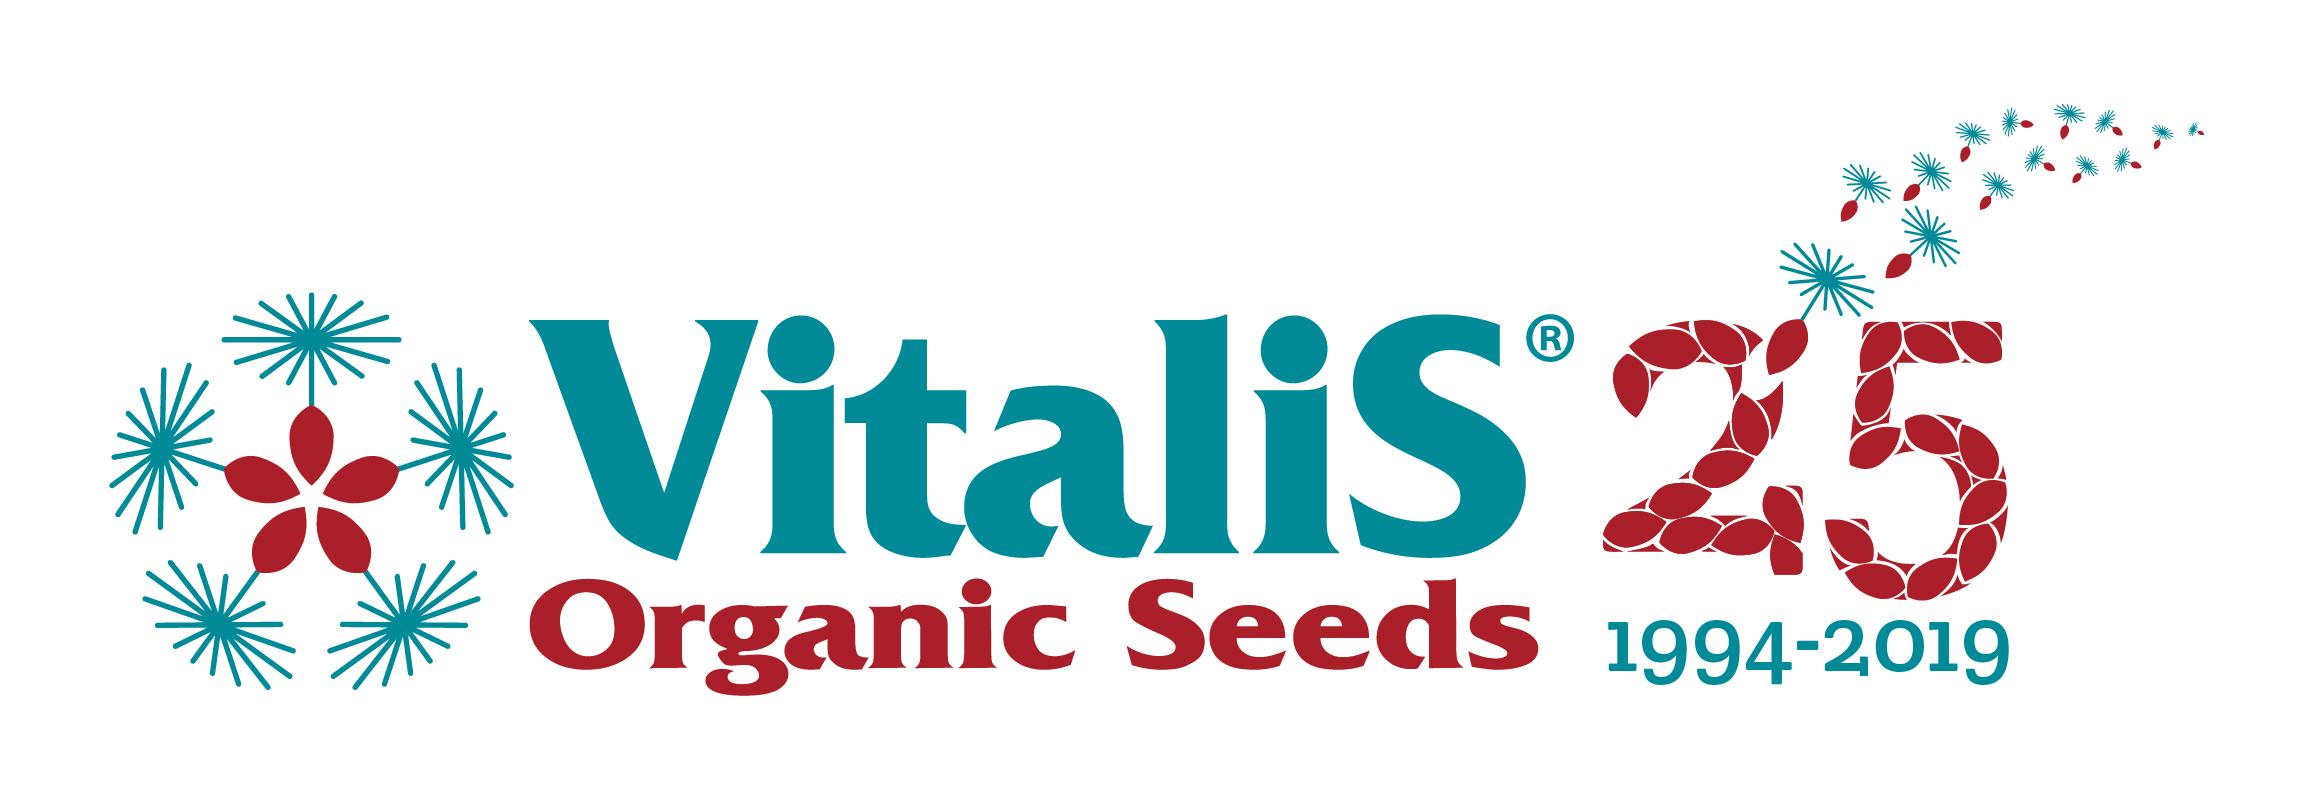 Vitalis Organic Seeds